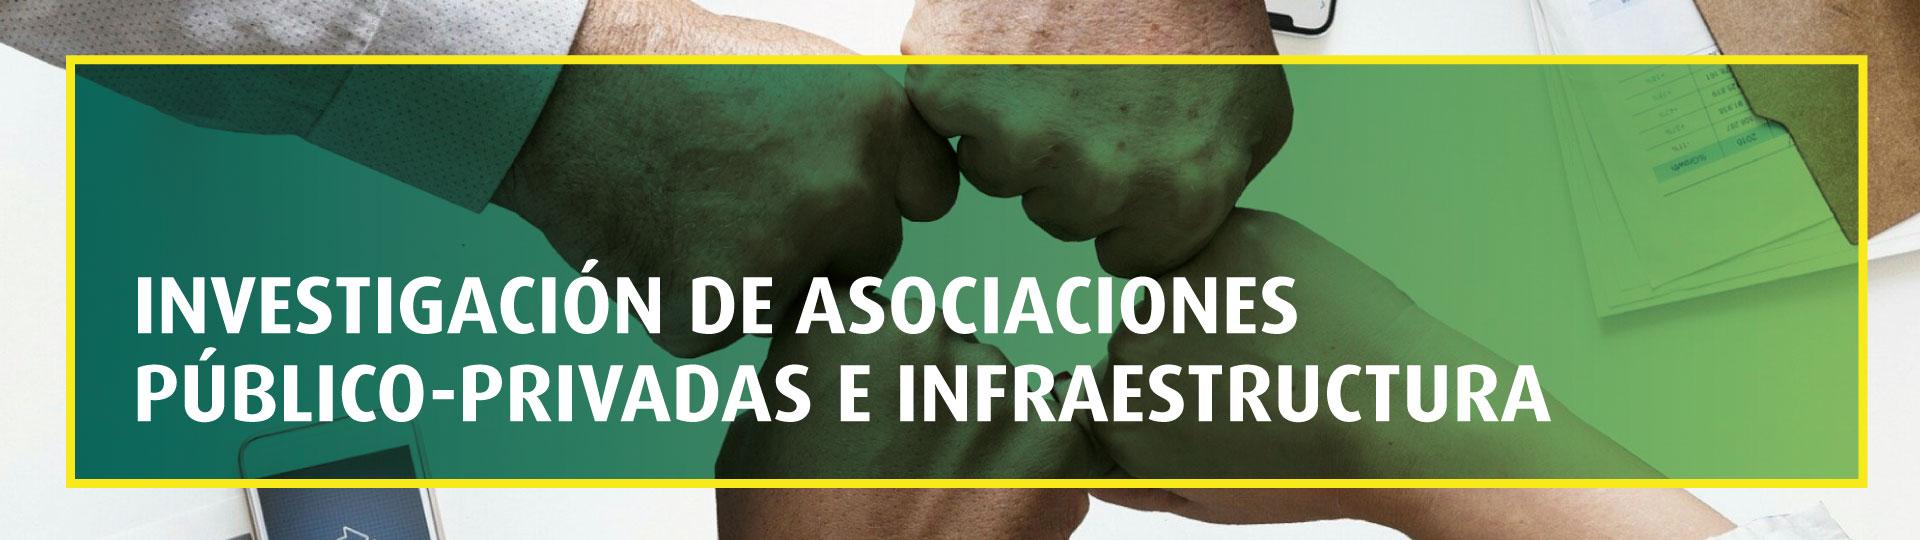 Semillero de Investigación de Asociaciones Público-Privadas e Infraestructura | Uniandes